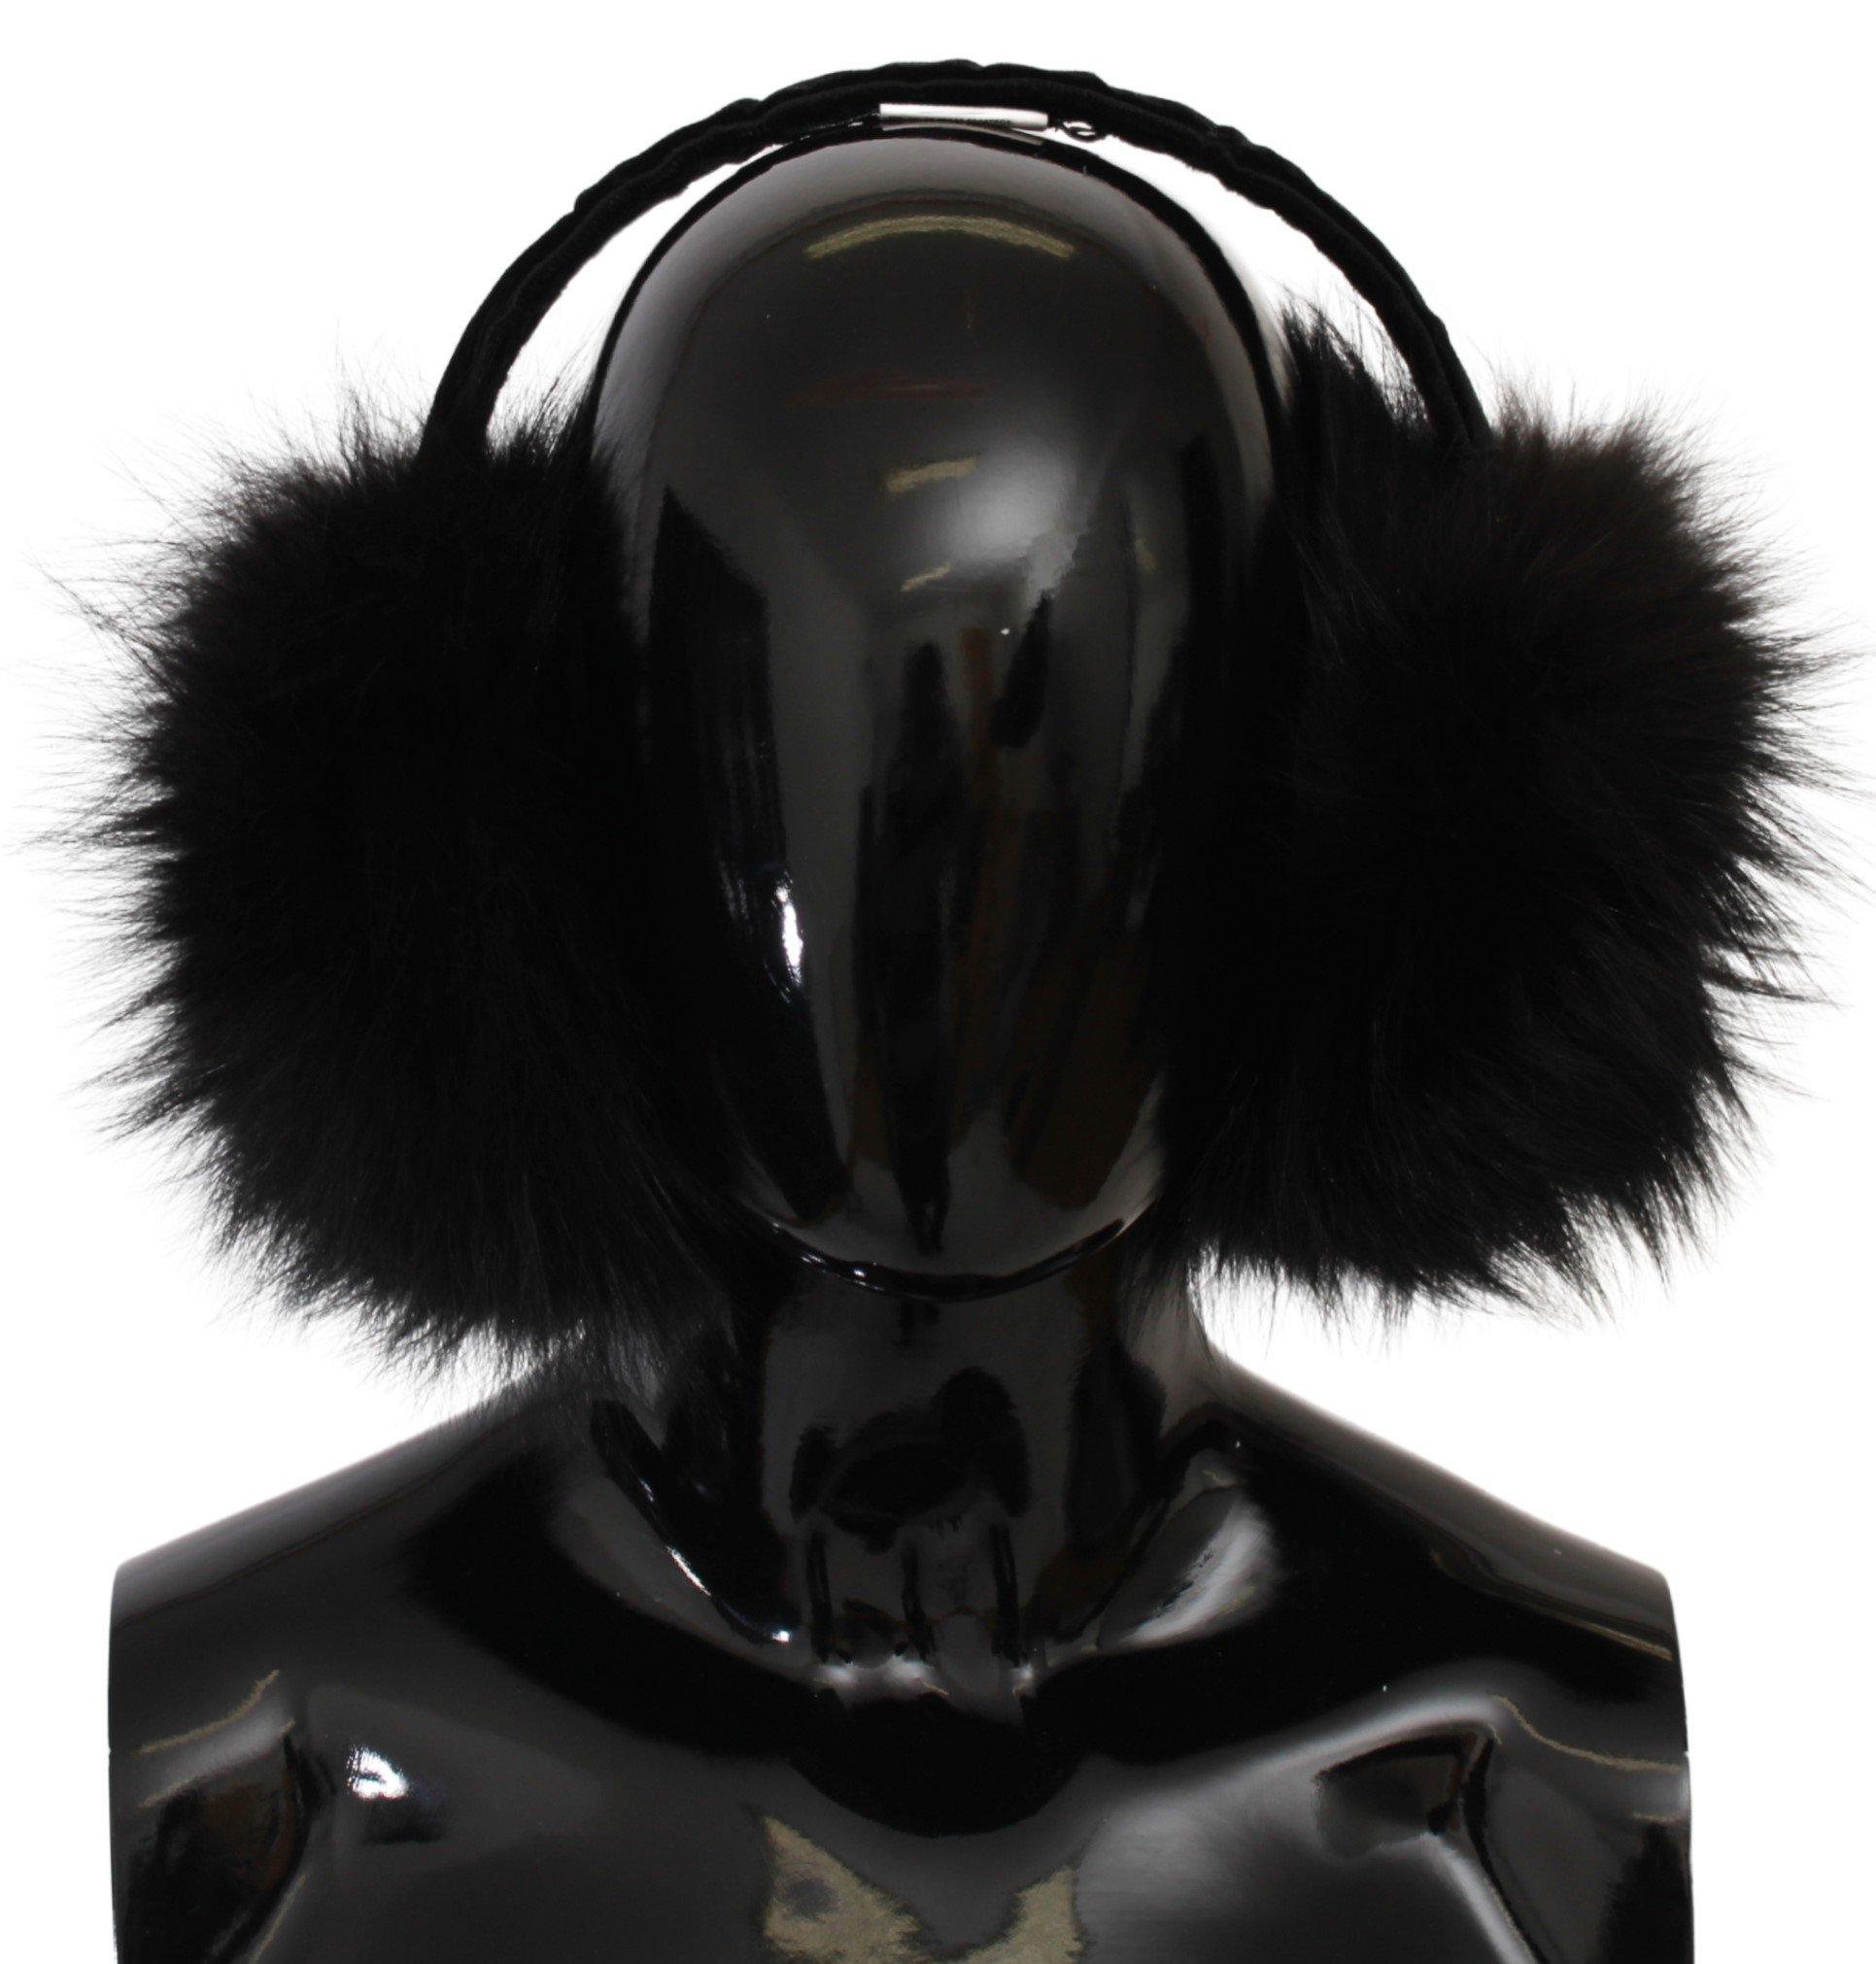 Dolce & Gabbana Women's Fur Winter Warmer Hat Black HAT20032